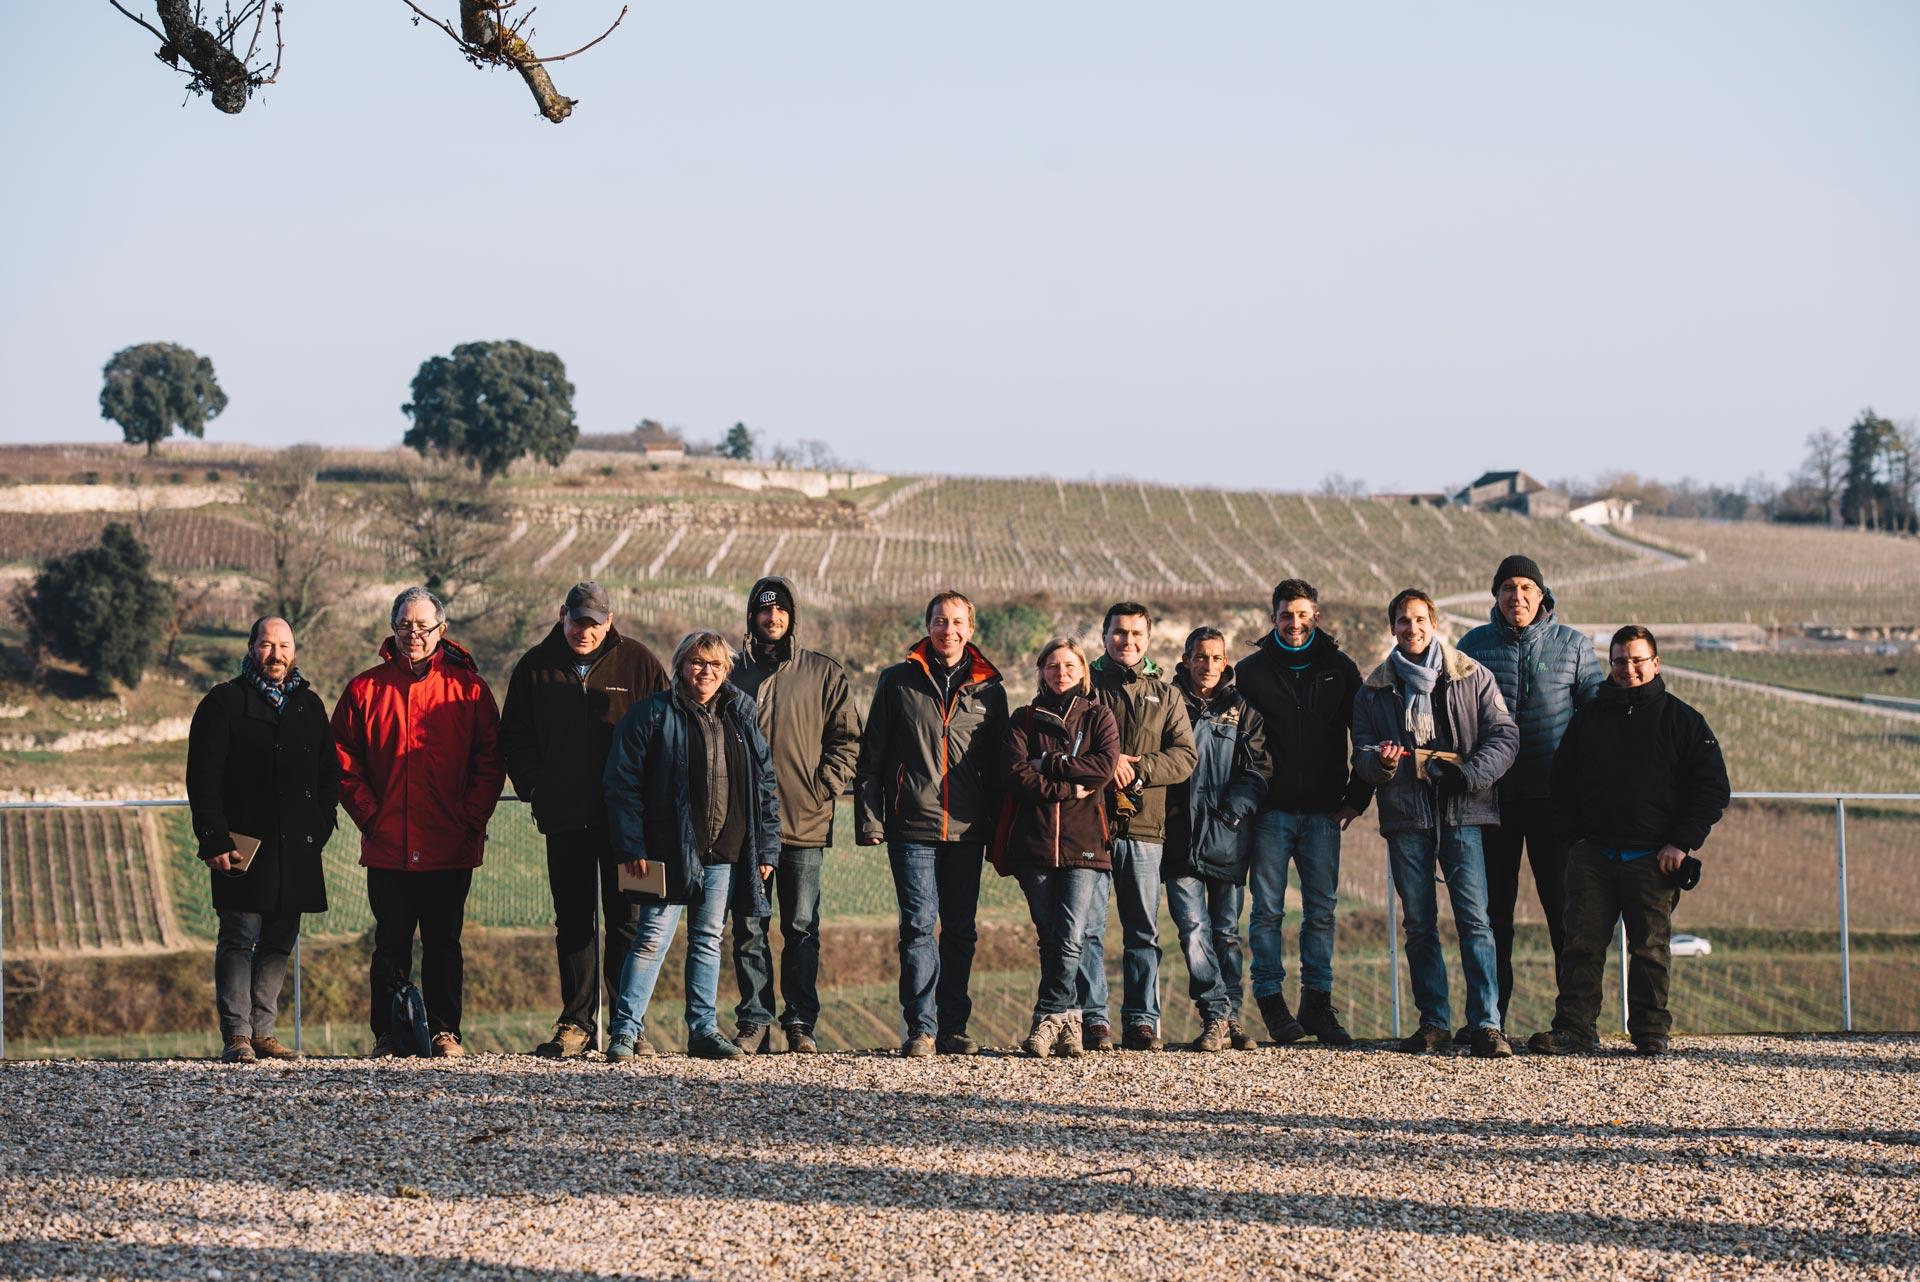 Winter training   Château Pichon Longueville Comtesse de Lalande   Pauillac   Bordeaux